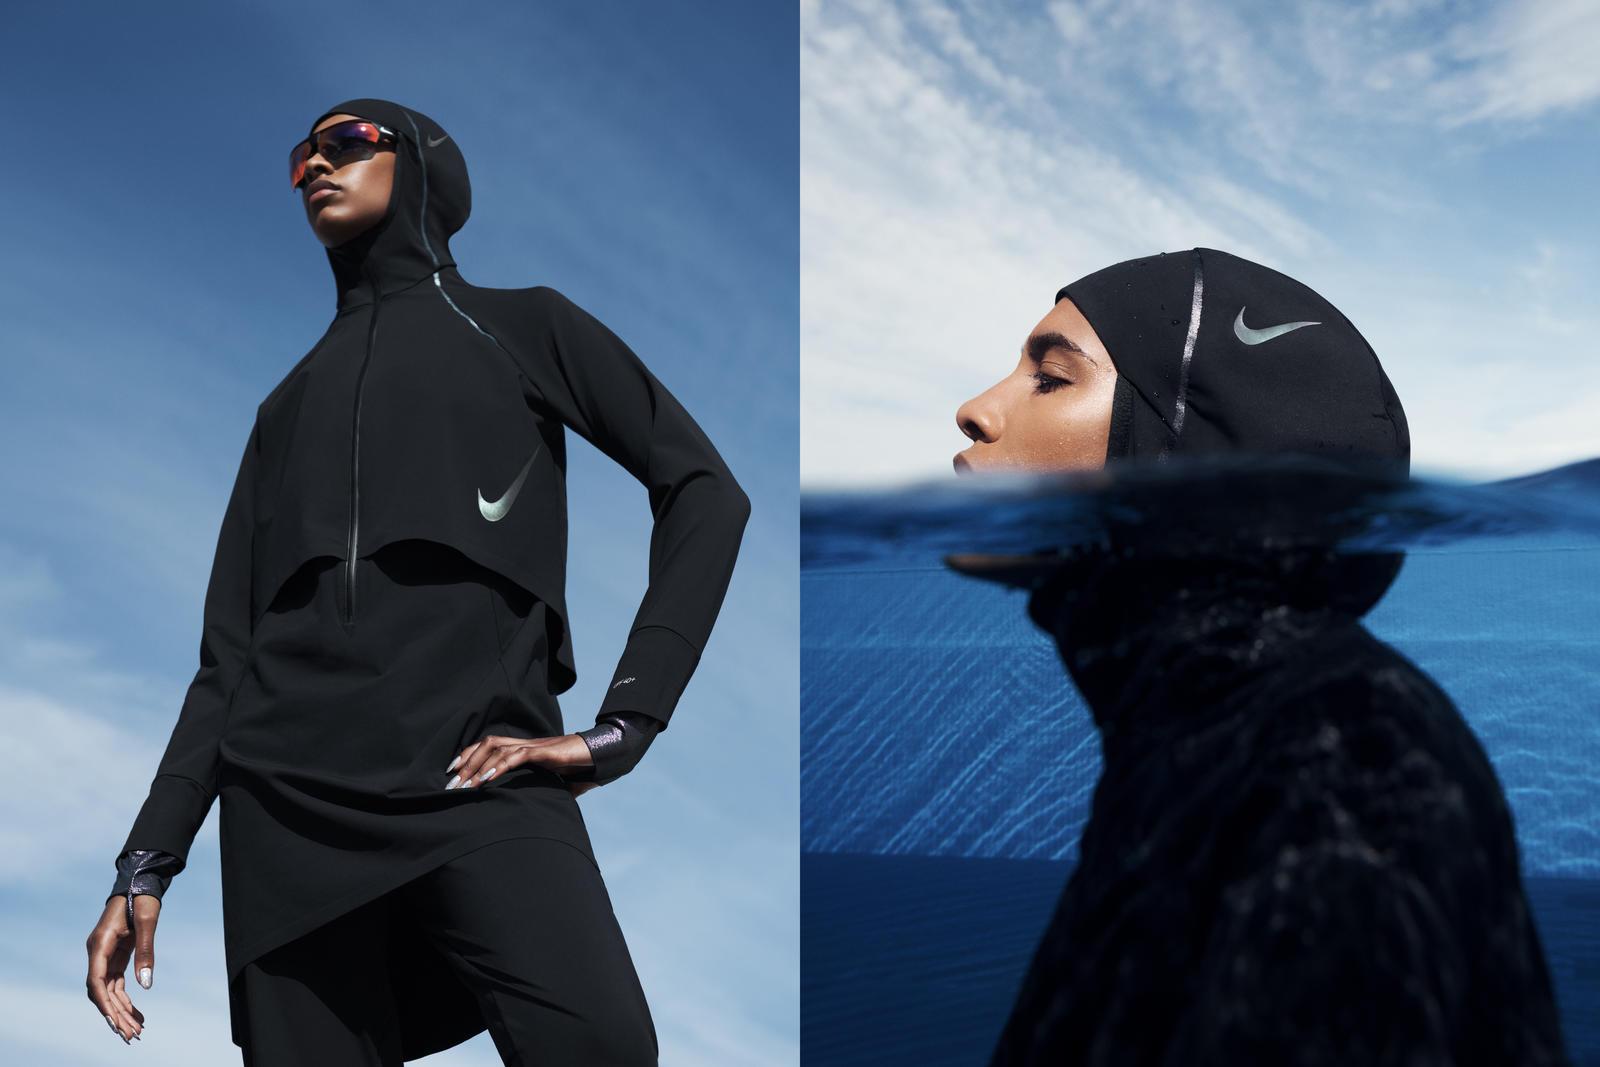 Nike dévoile une campagne sur YouTube pour introduire sa première gamme de maillots de bain avec un hijab intégré.